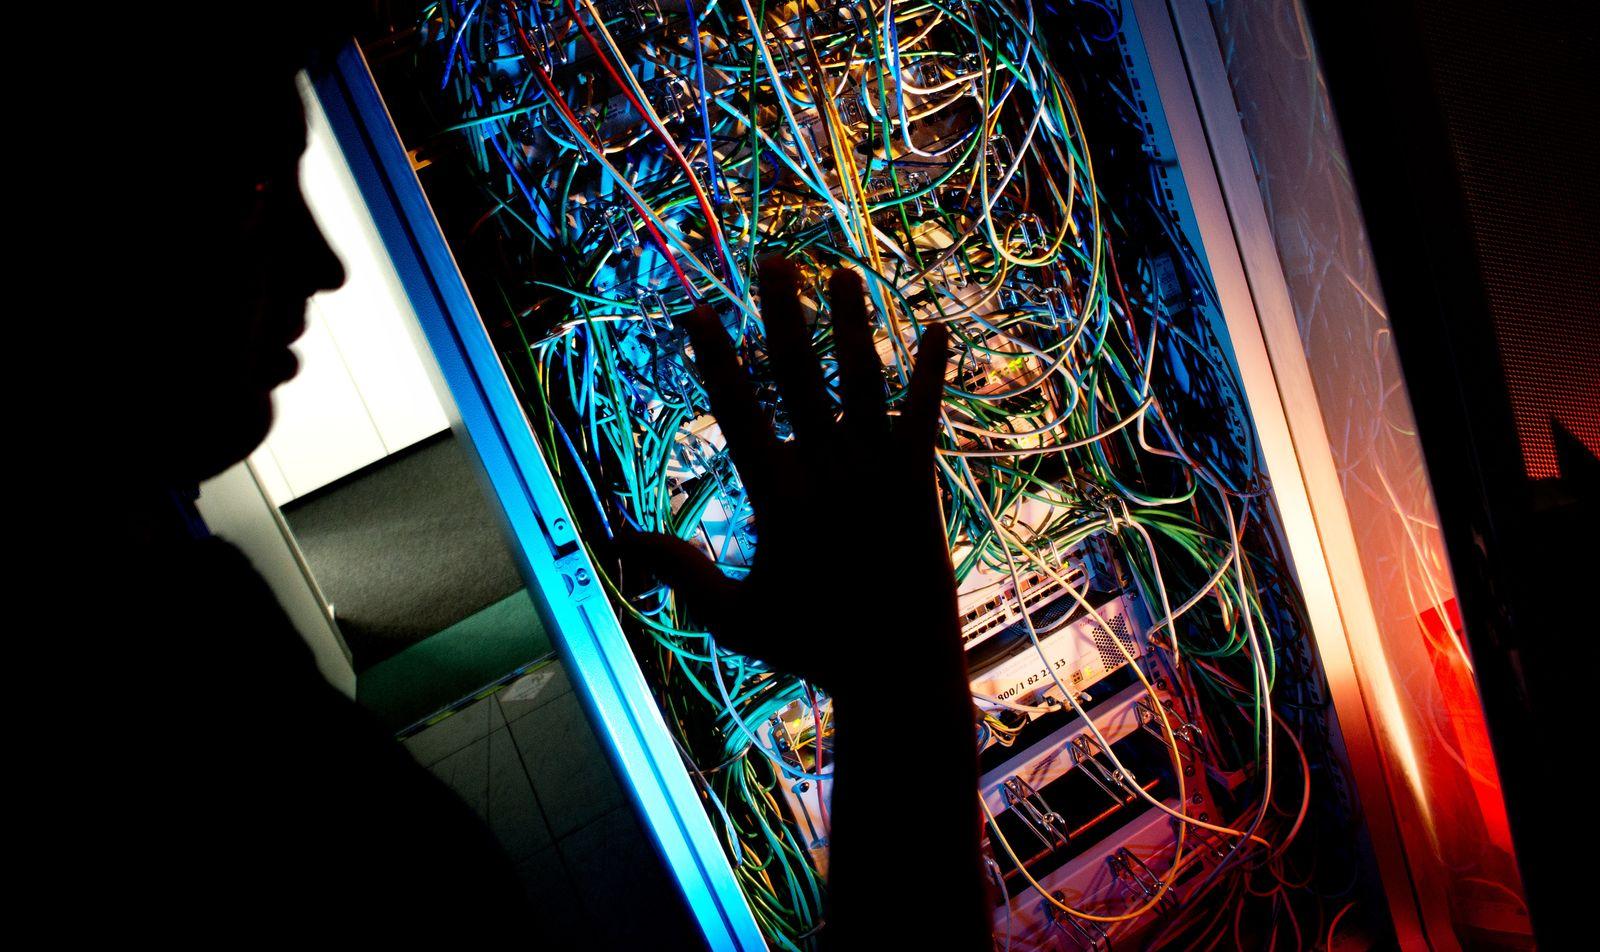 Symbolbild Serverschrank/ Überwachung/ Netzwerkkabel/ Cyber/ Cyber-Kriminalität